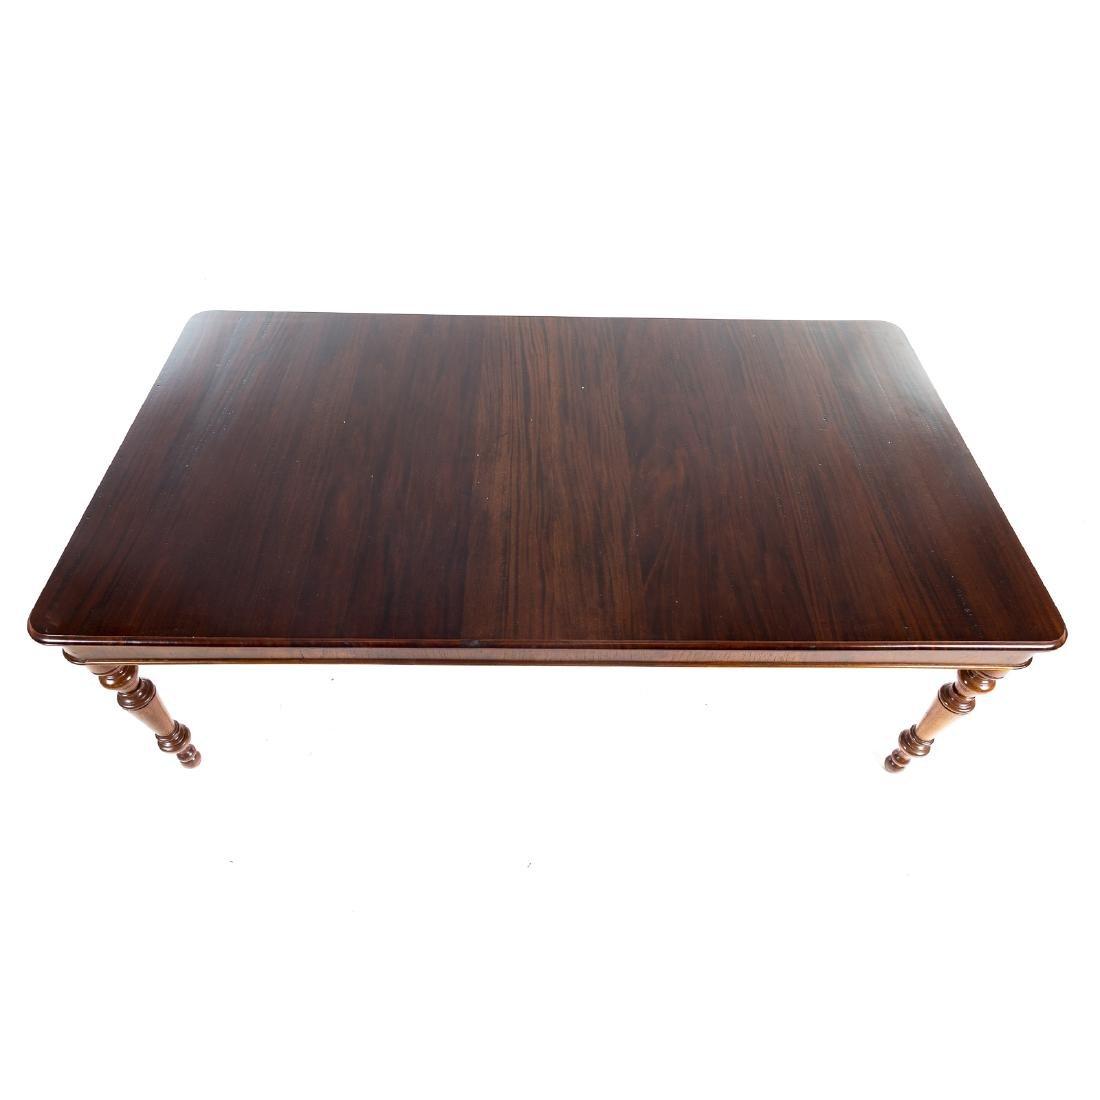 Cabinet made mahogany harvest table - 2